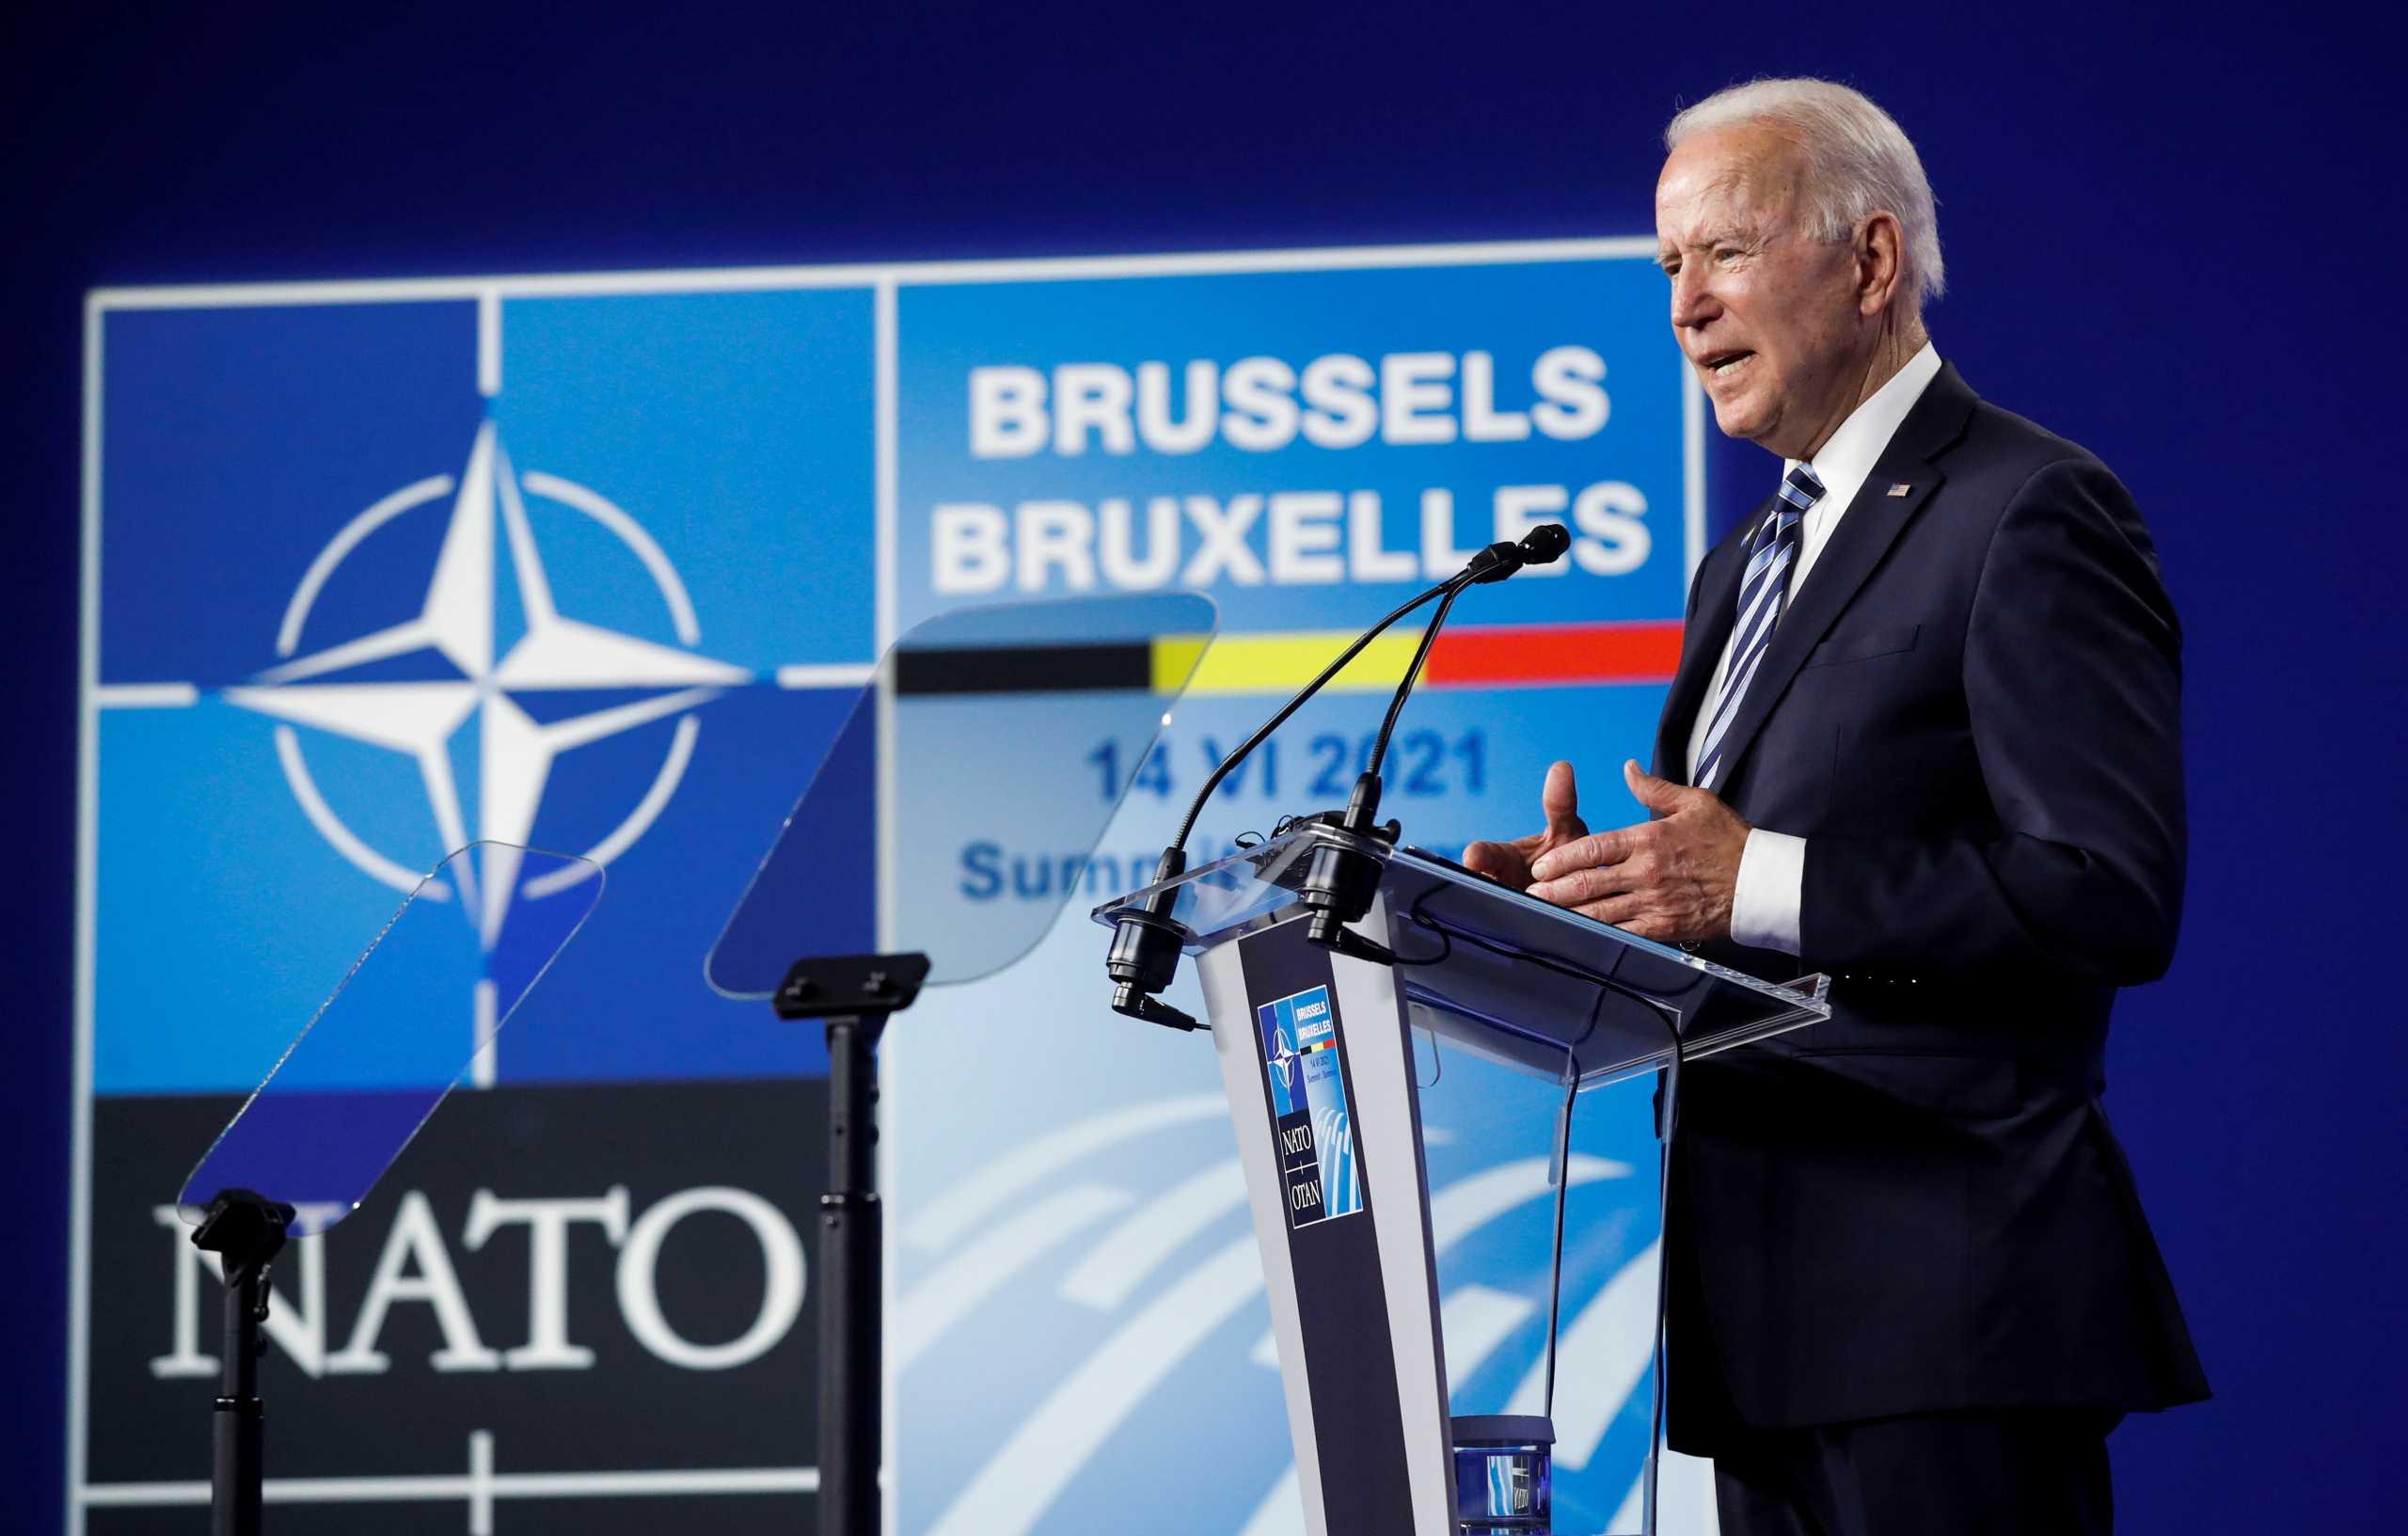 Έτοιμος για «reset» στις σχέσεις ΗΠΑ – ΕΕ ο Μπάιντεν: Χτίζεται μέτωπο έναντι της Κίνας